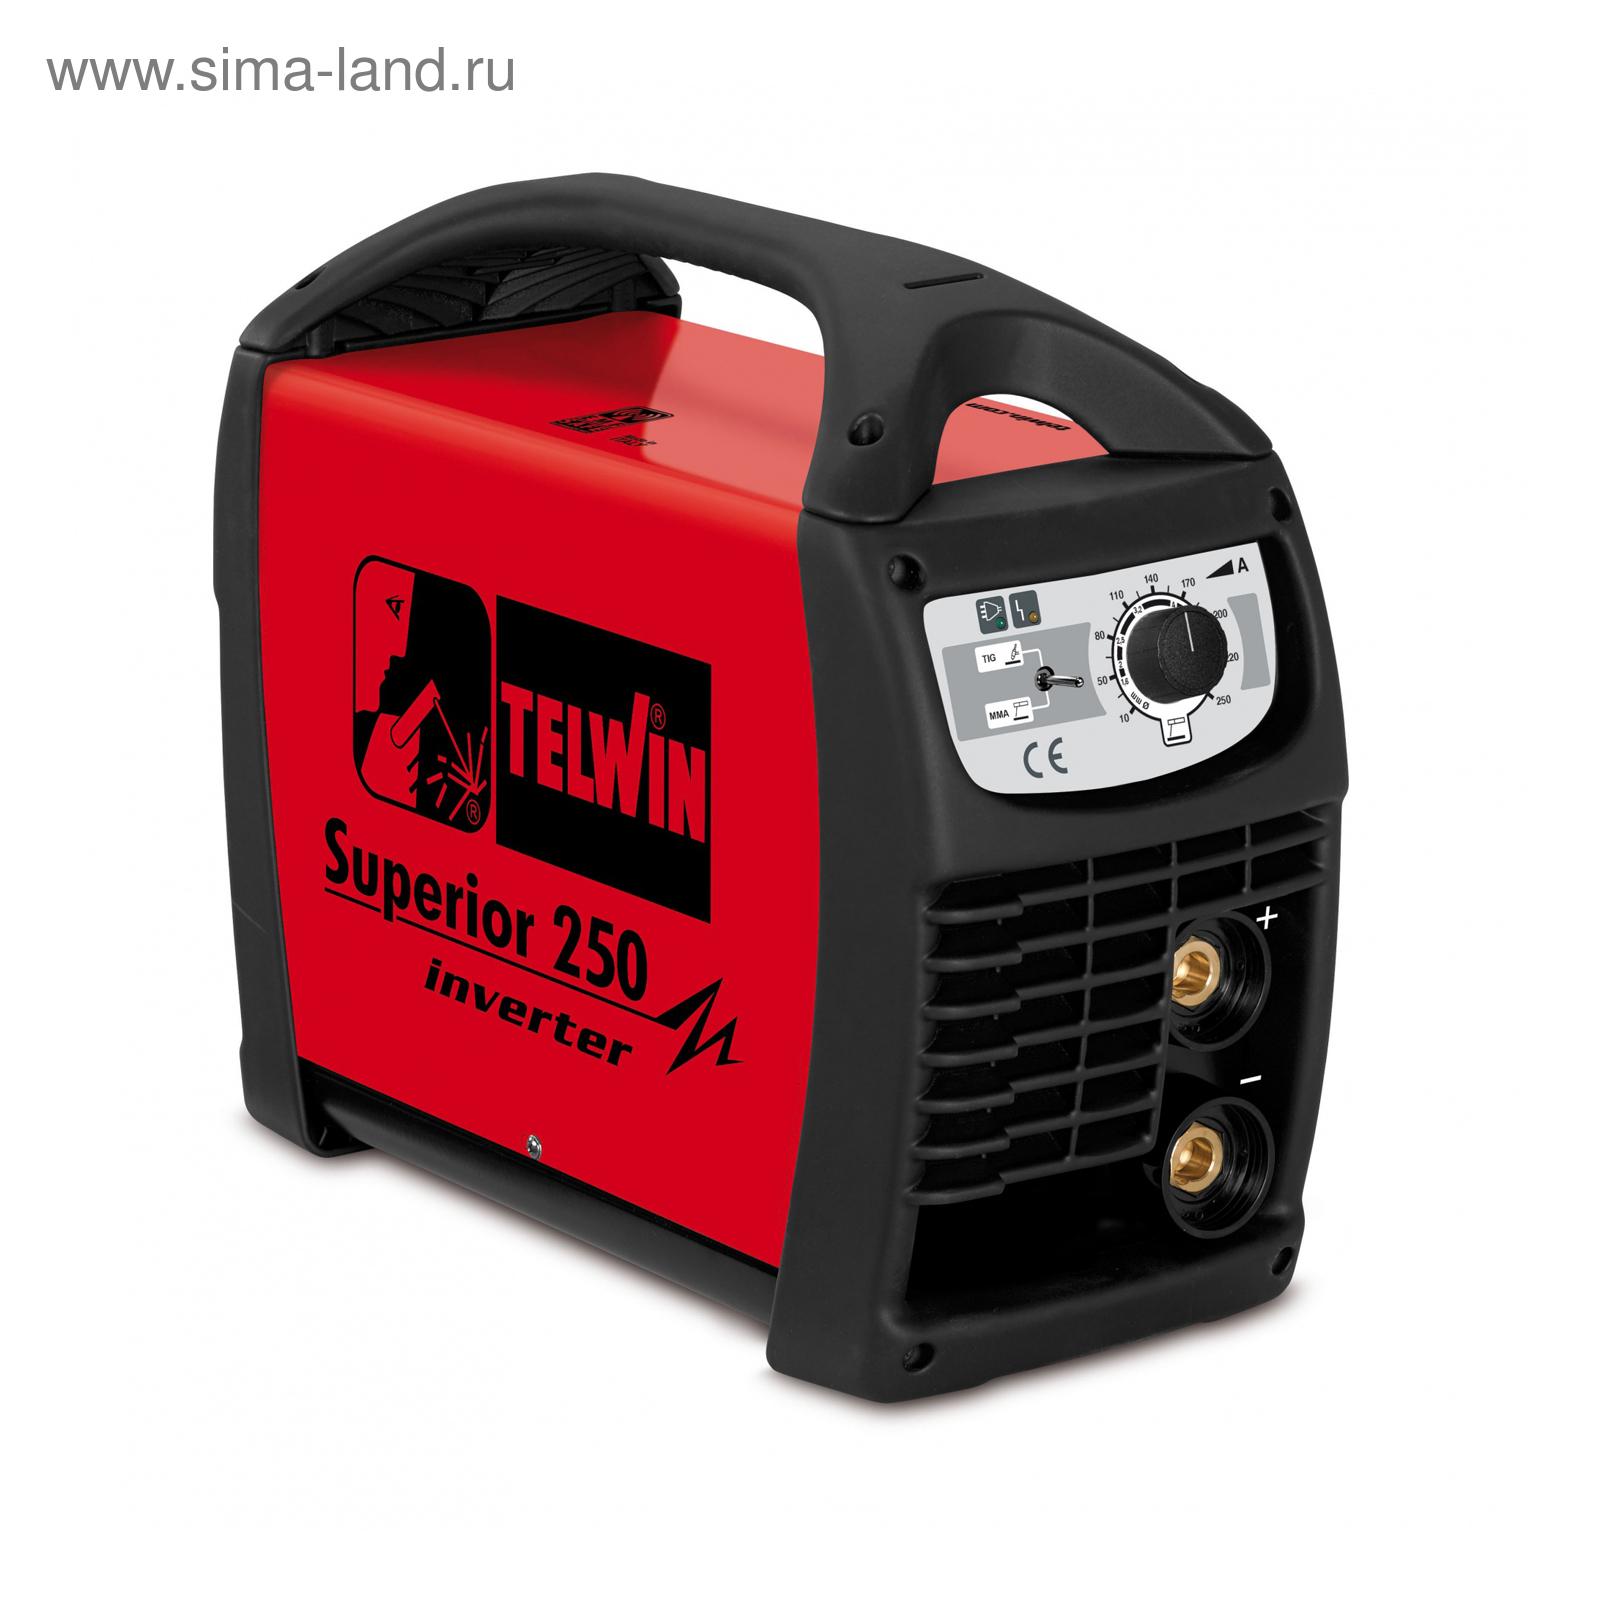 Телвин сварочные аппараты 250а купить стабилизатор напряжения на весь дом